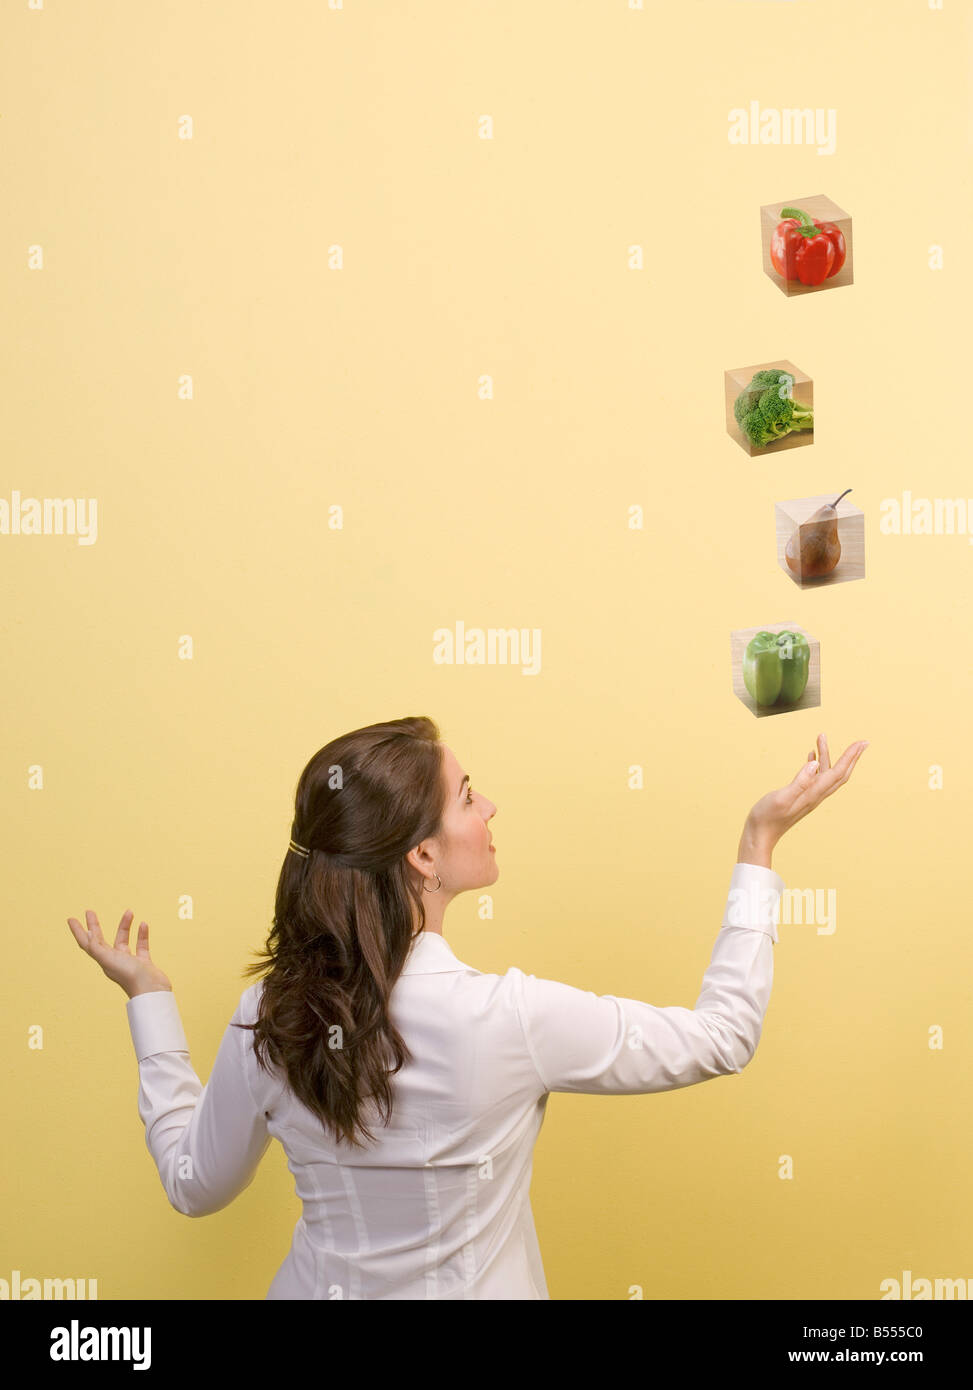 Frau wirft Futterblöcke in der Luft Ernährung Ernährung Gesundheit Essen Stockbild